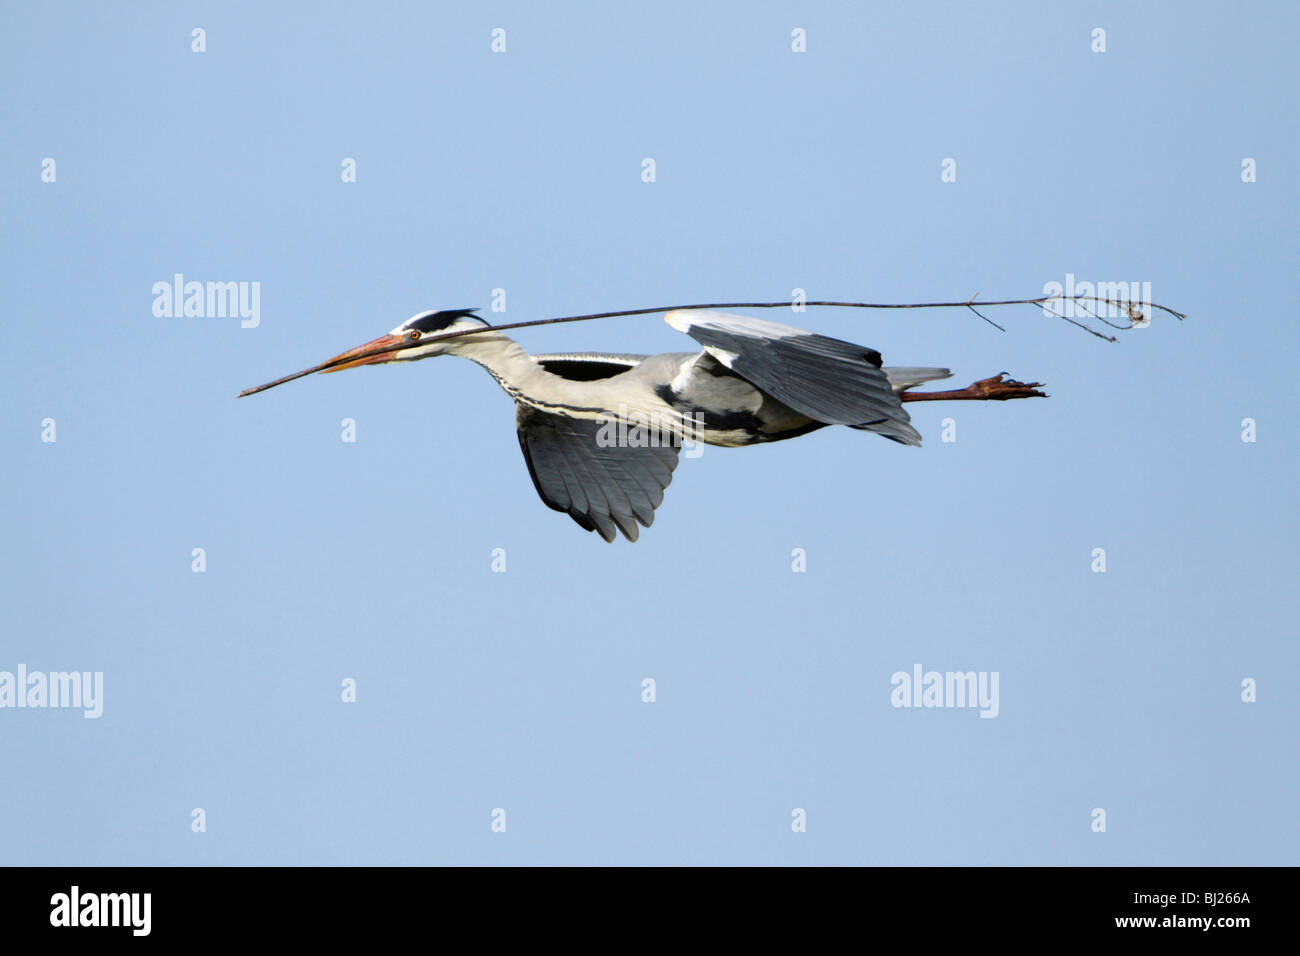 Héron cendré (Ardea cinerea) - oiseau en vol avec matériel de nidification dans le projet de loi Photo Stock